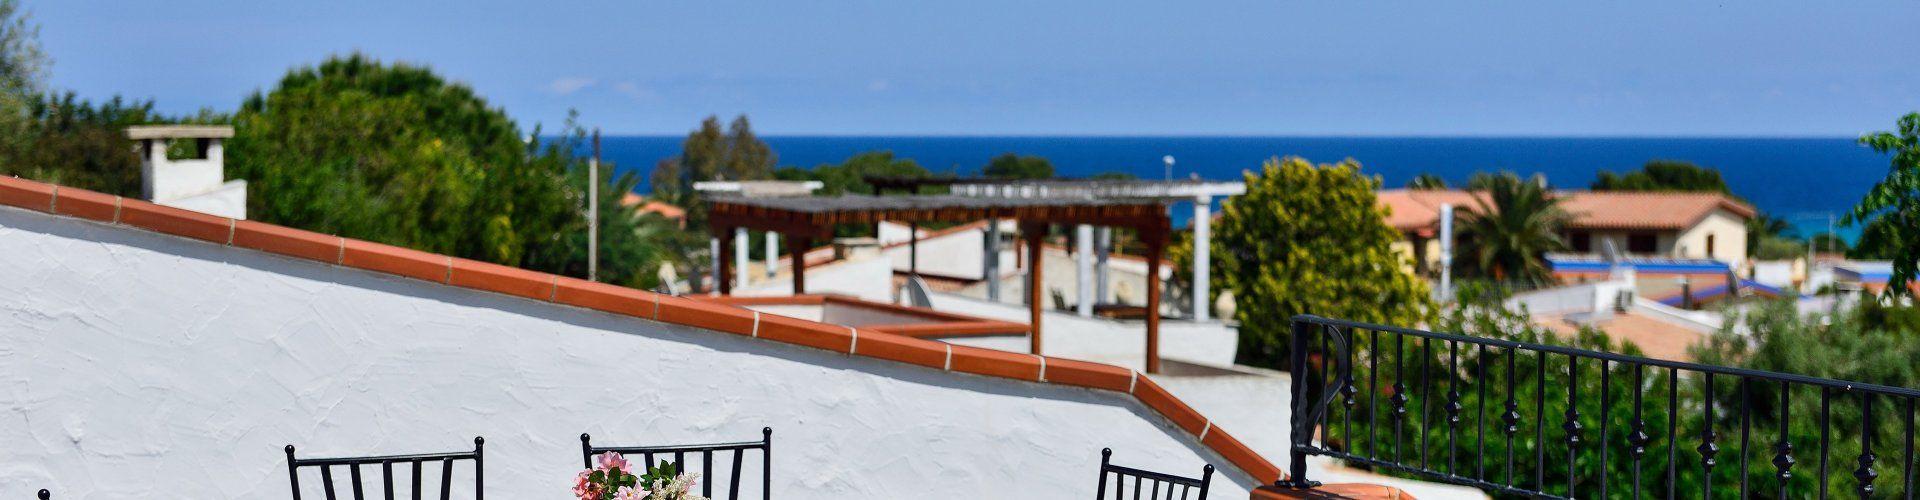 Strandnahe Villa mit Garten und Dachterrasse an der Costa Rei